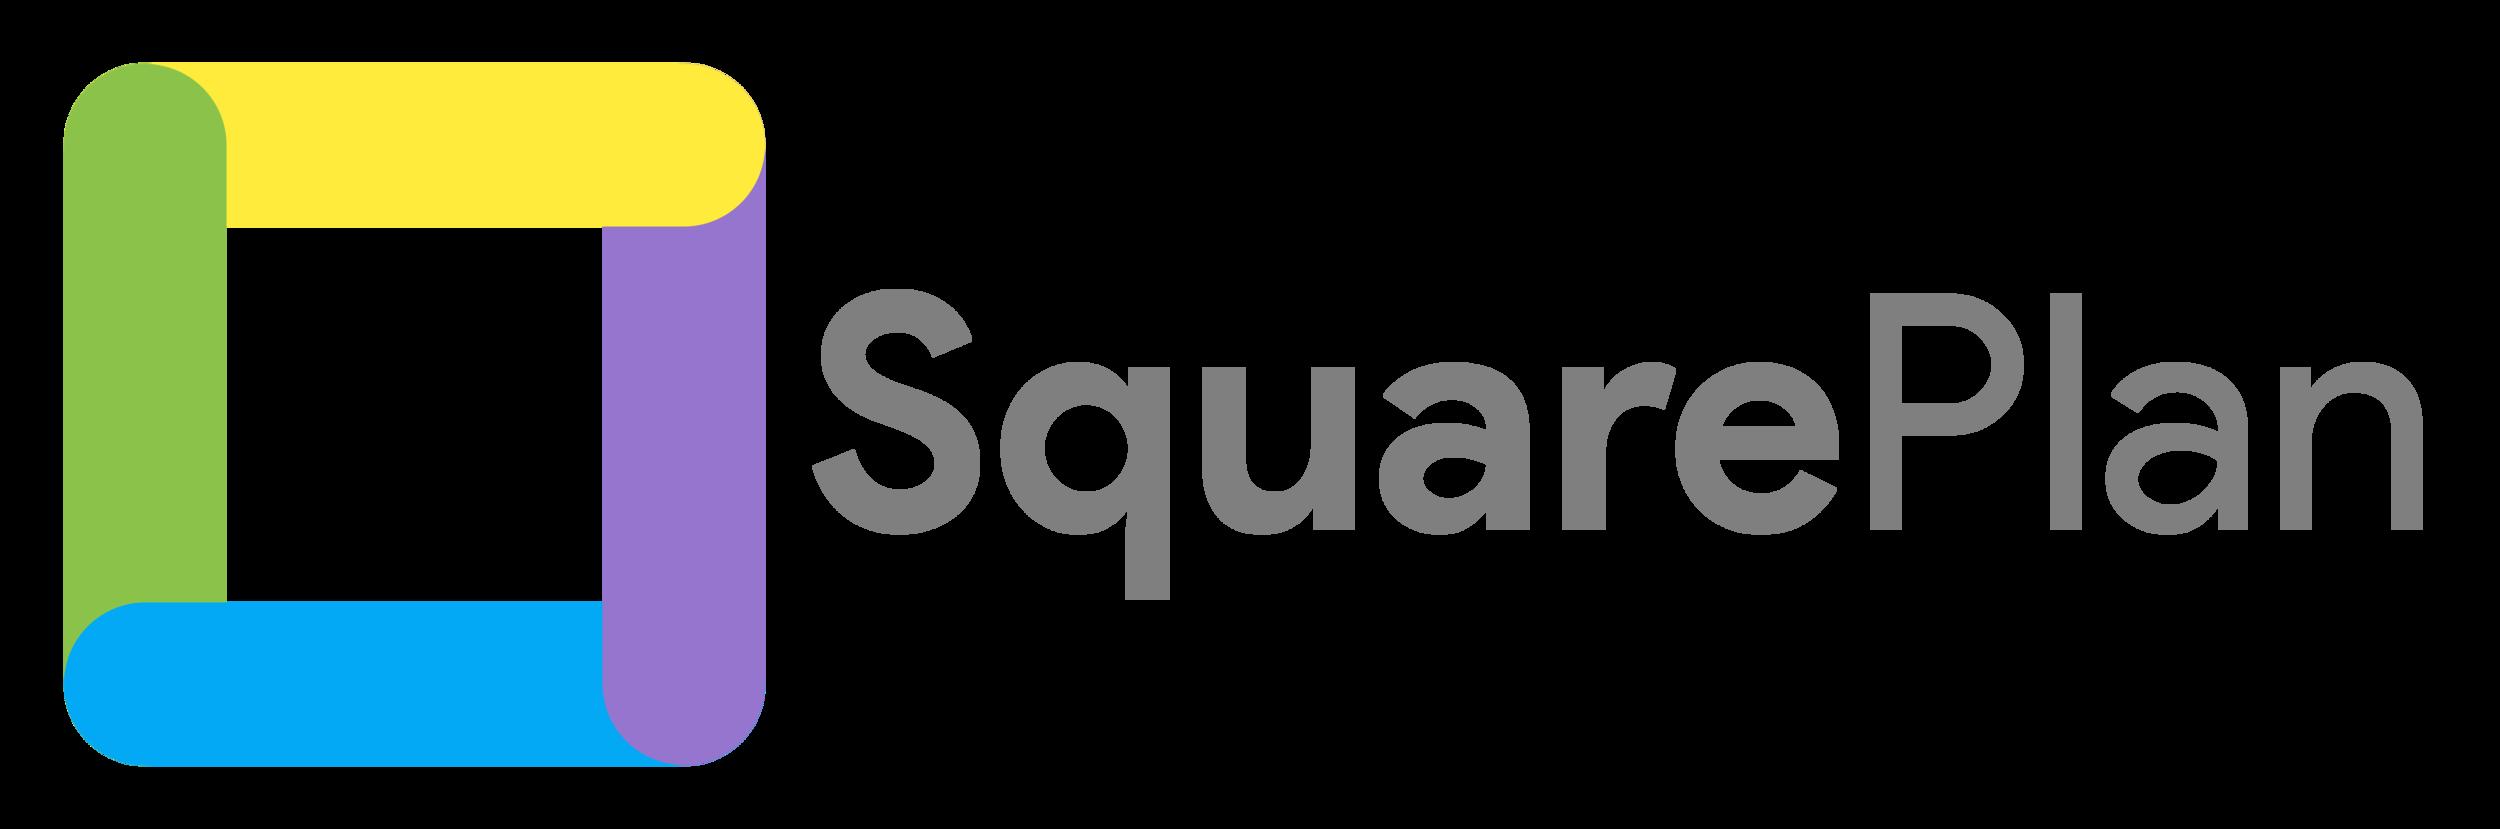 SquarePlan Logo.png